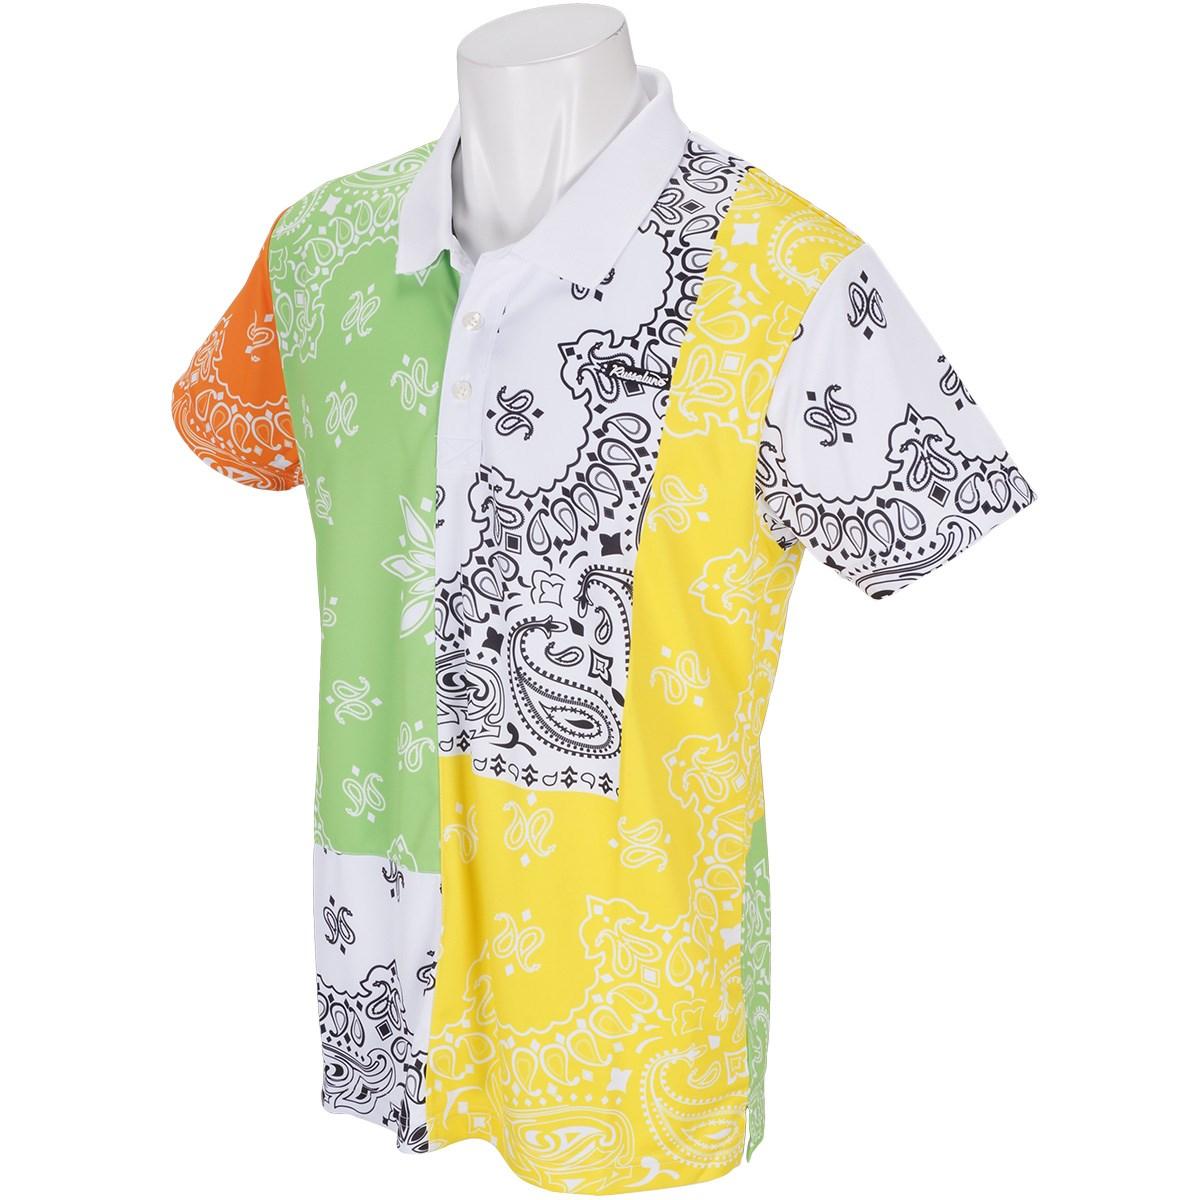 ラッセルノ クレイジーペイズリー半袖ポロシャツ